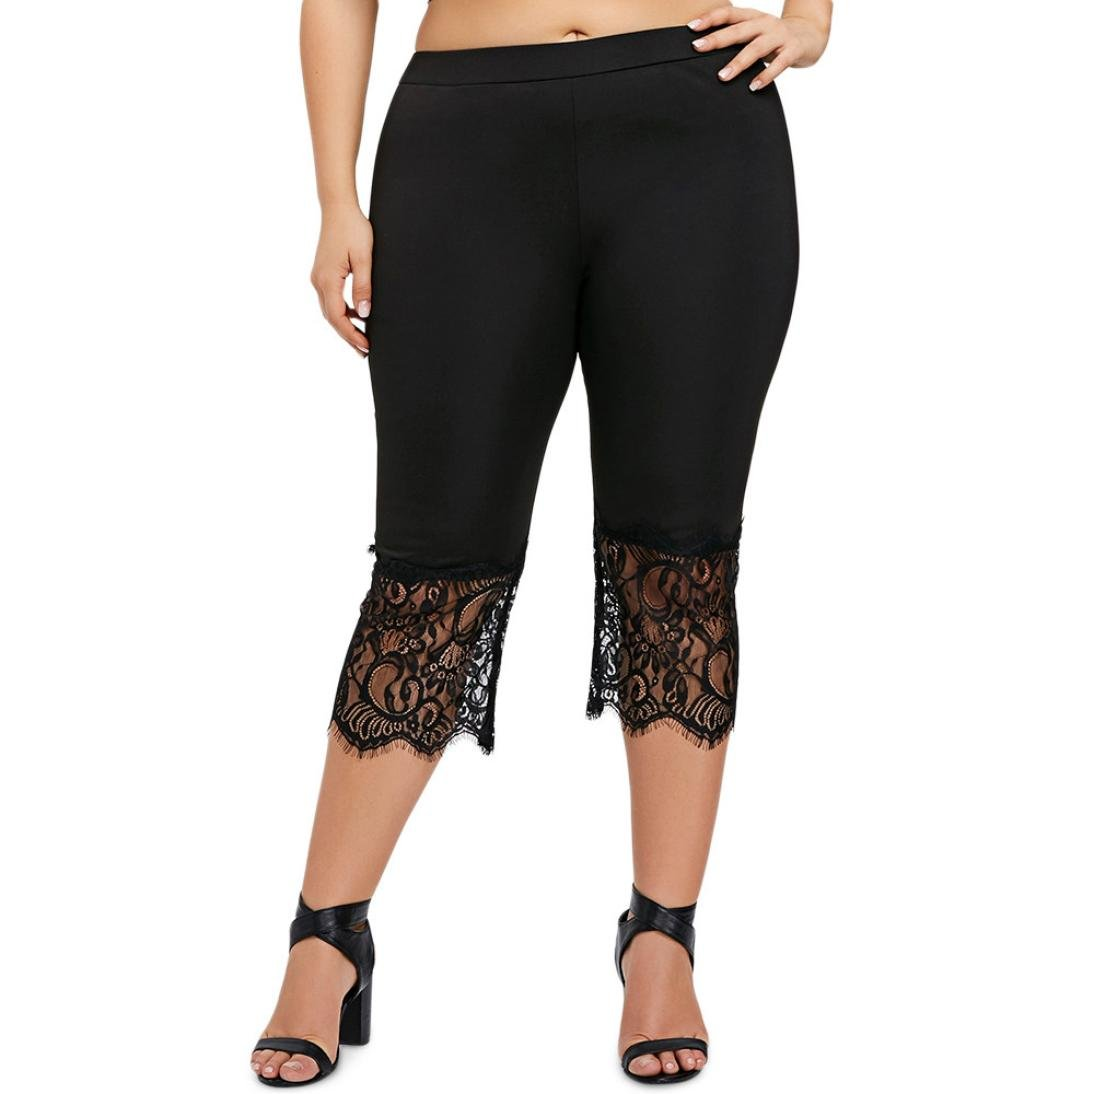 f2ea3e4701 Longay Women Plus Size Lace Workout Leggings Push up Compression Yoga Pants  at Amazon Women's Coats Shop